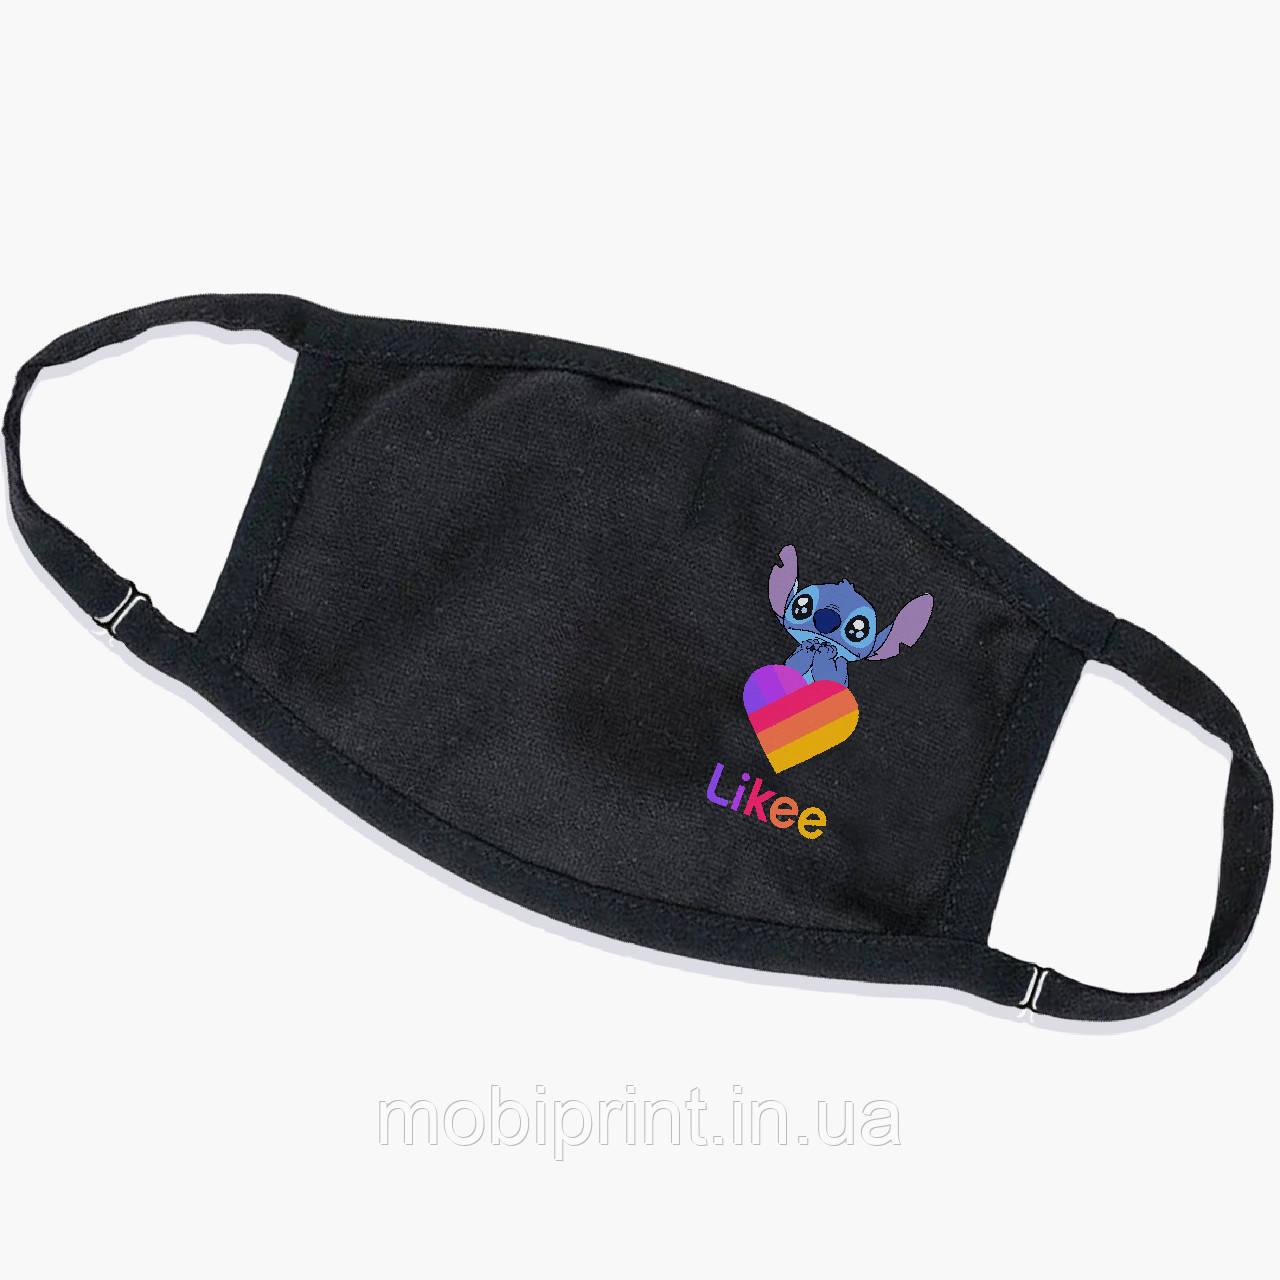 Многоразовая маска Стич Лайки (Stitch Likee) (9259-1596) тканевая для детей и взрослых защитная